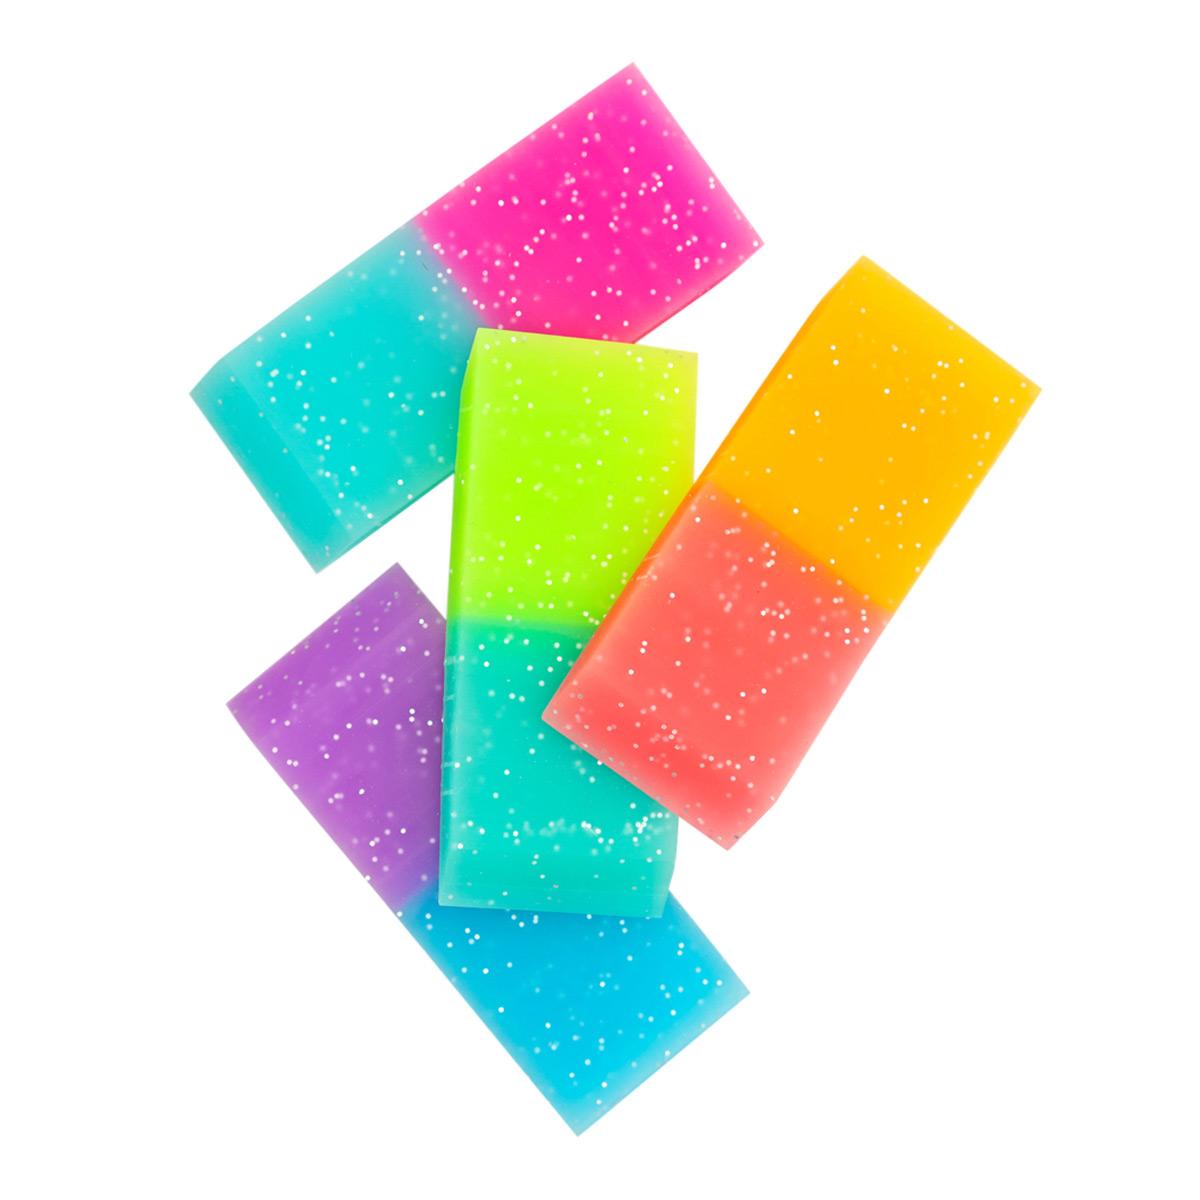 Ombre Eraser